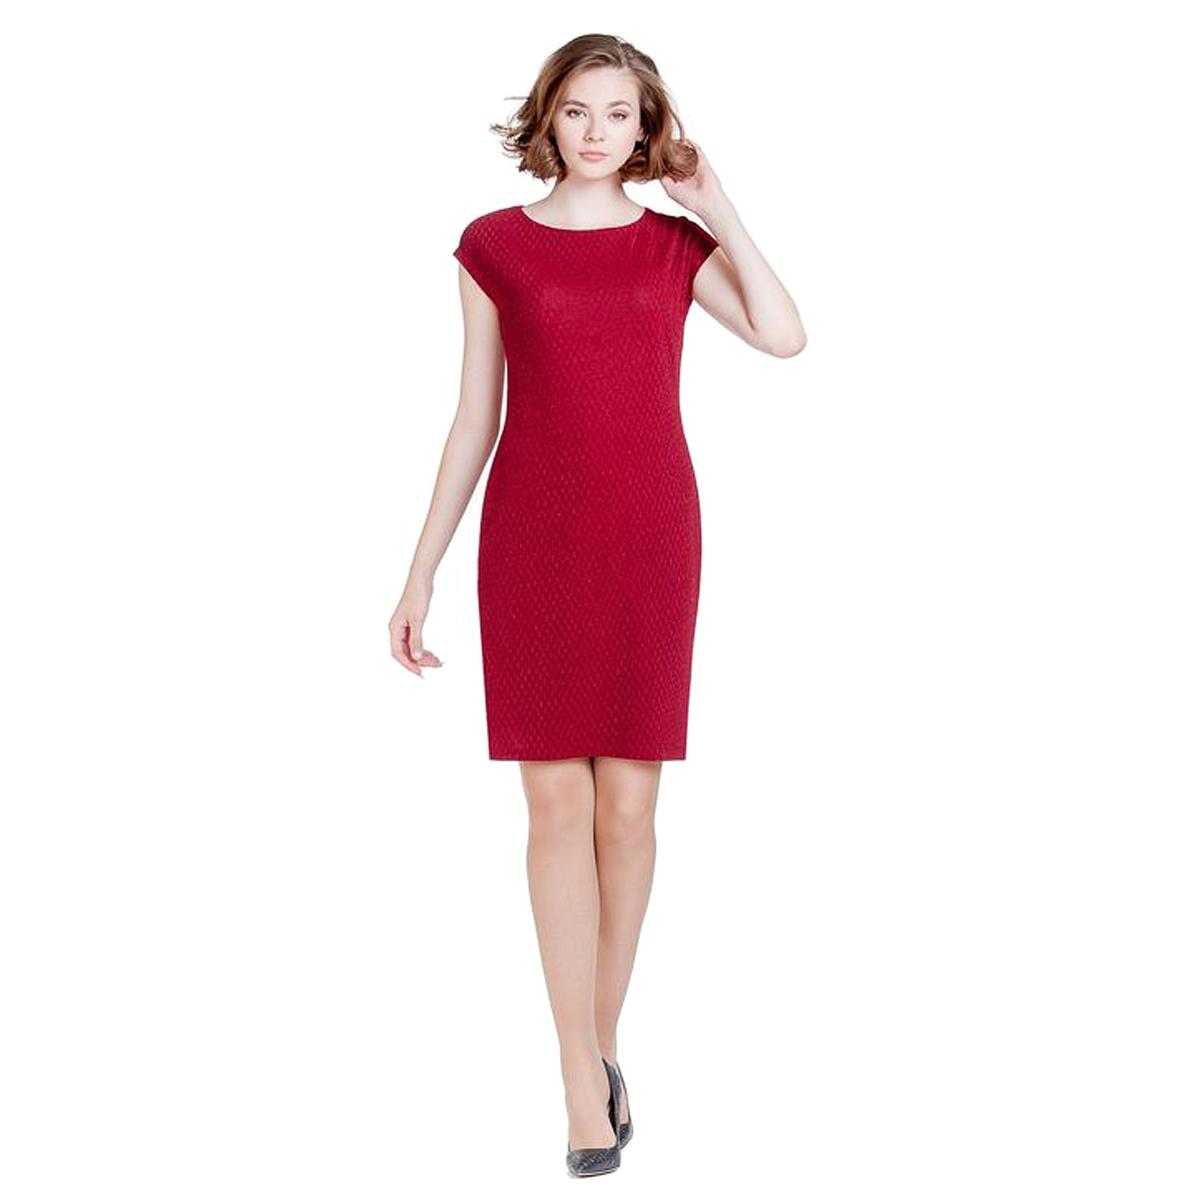 Платье KISLIS, 7530б УС цена